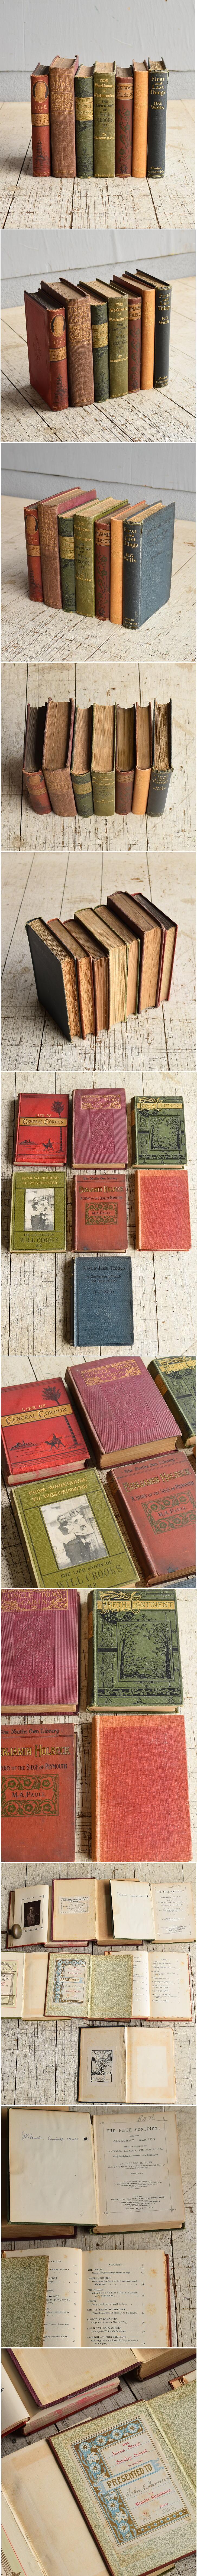 イギリス アンティーク ブック 本 洋書 7冊セット ディスプレイ 8270